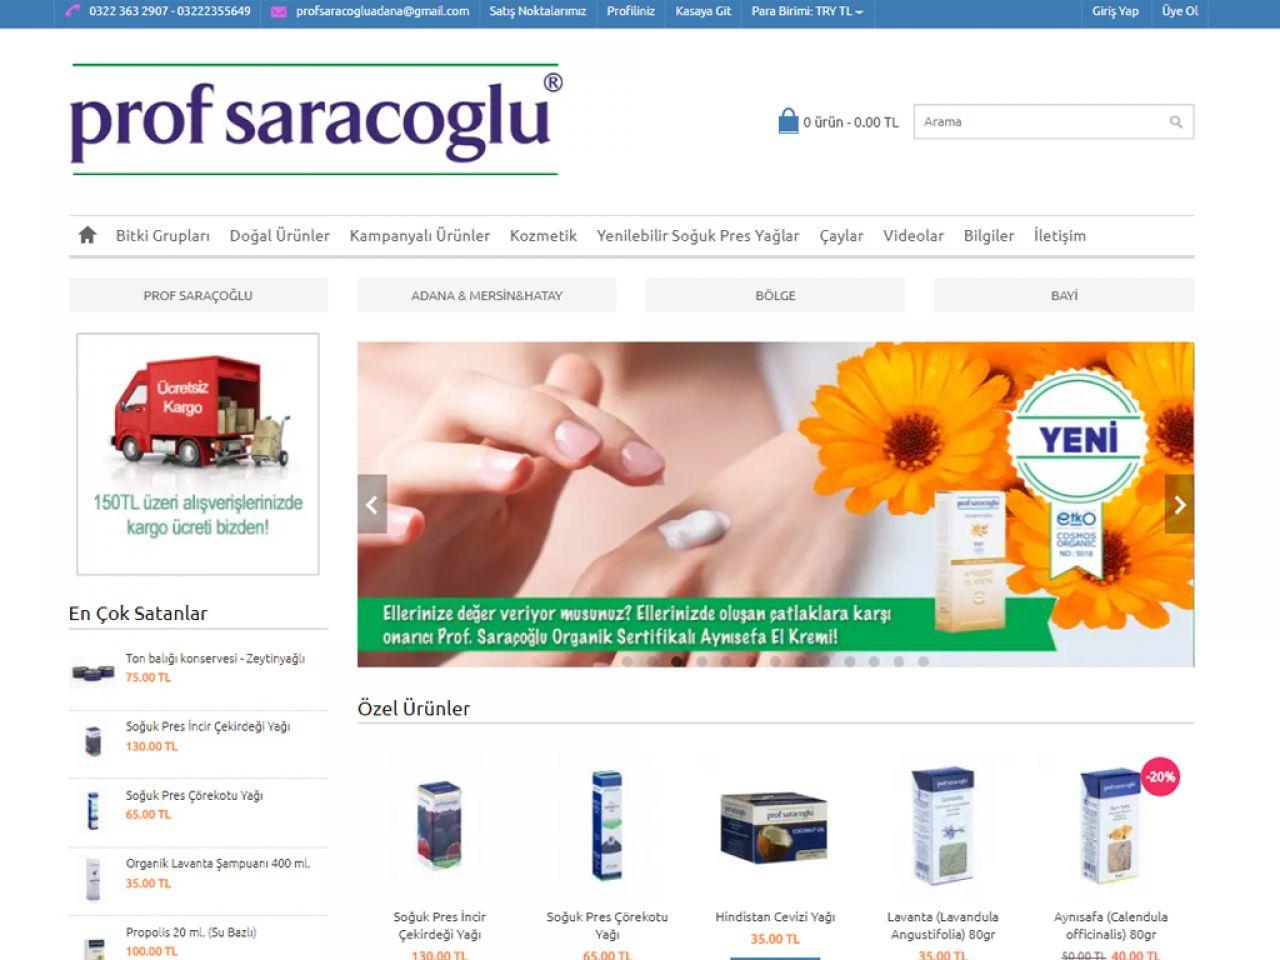 Prof Saraçoğlu Adana&Mersin